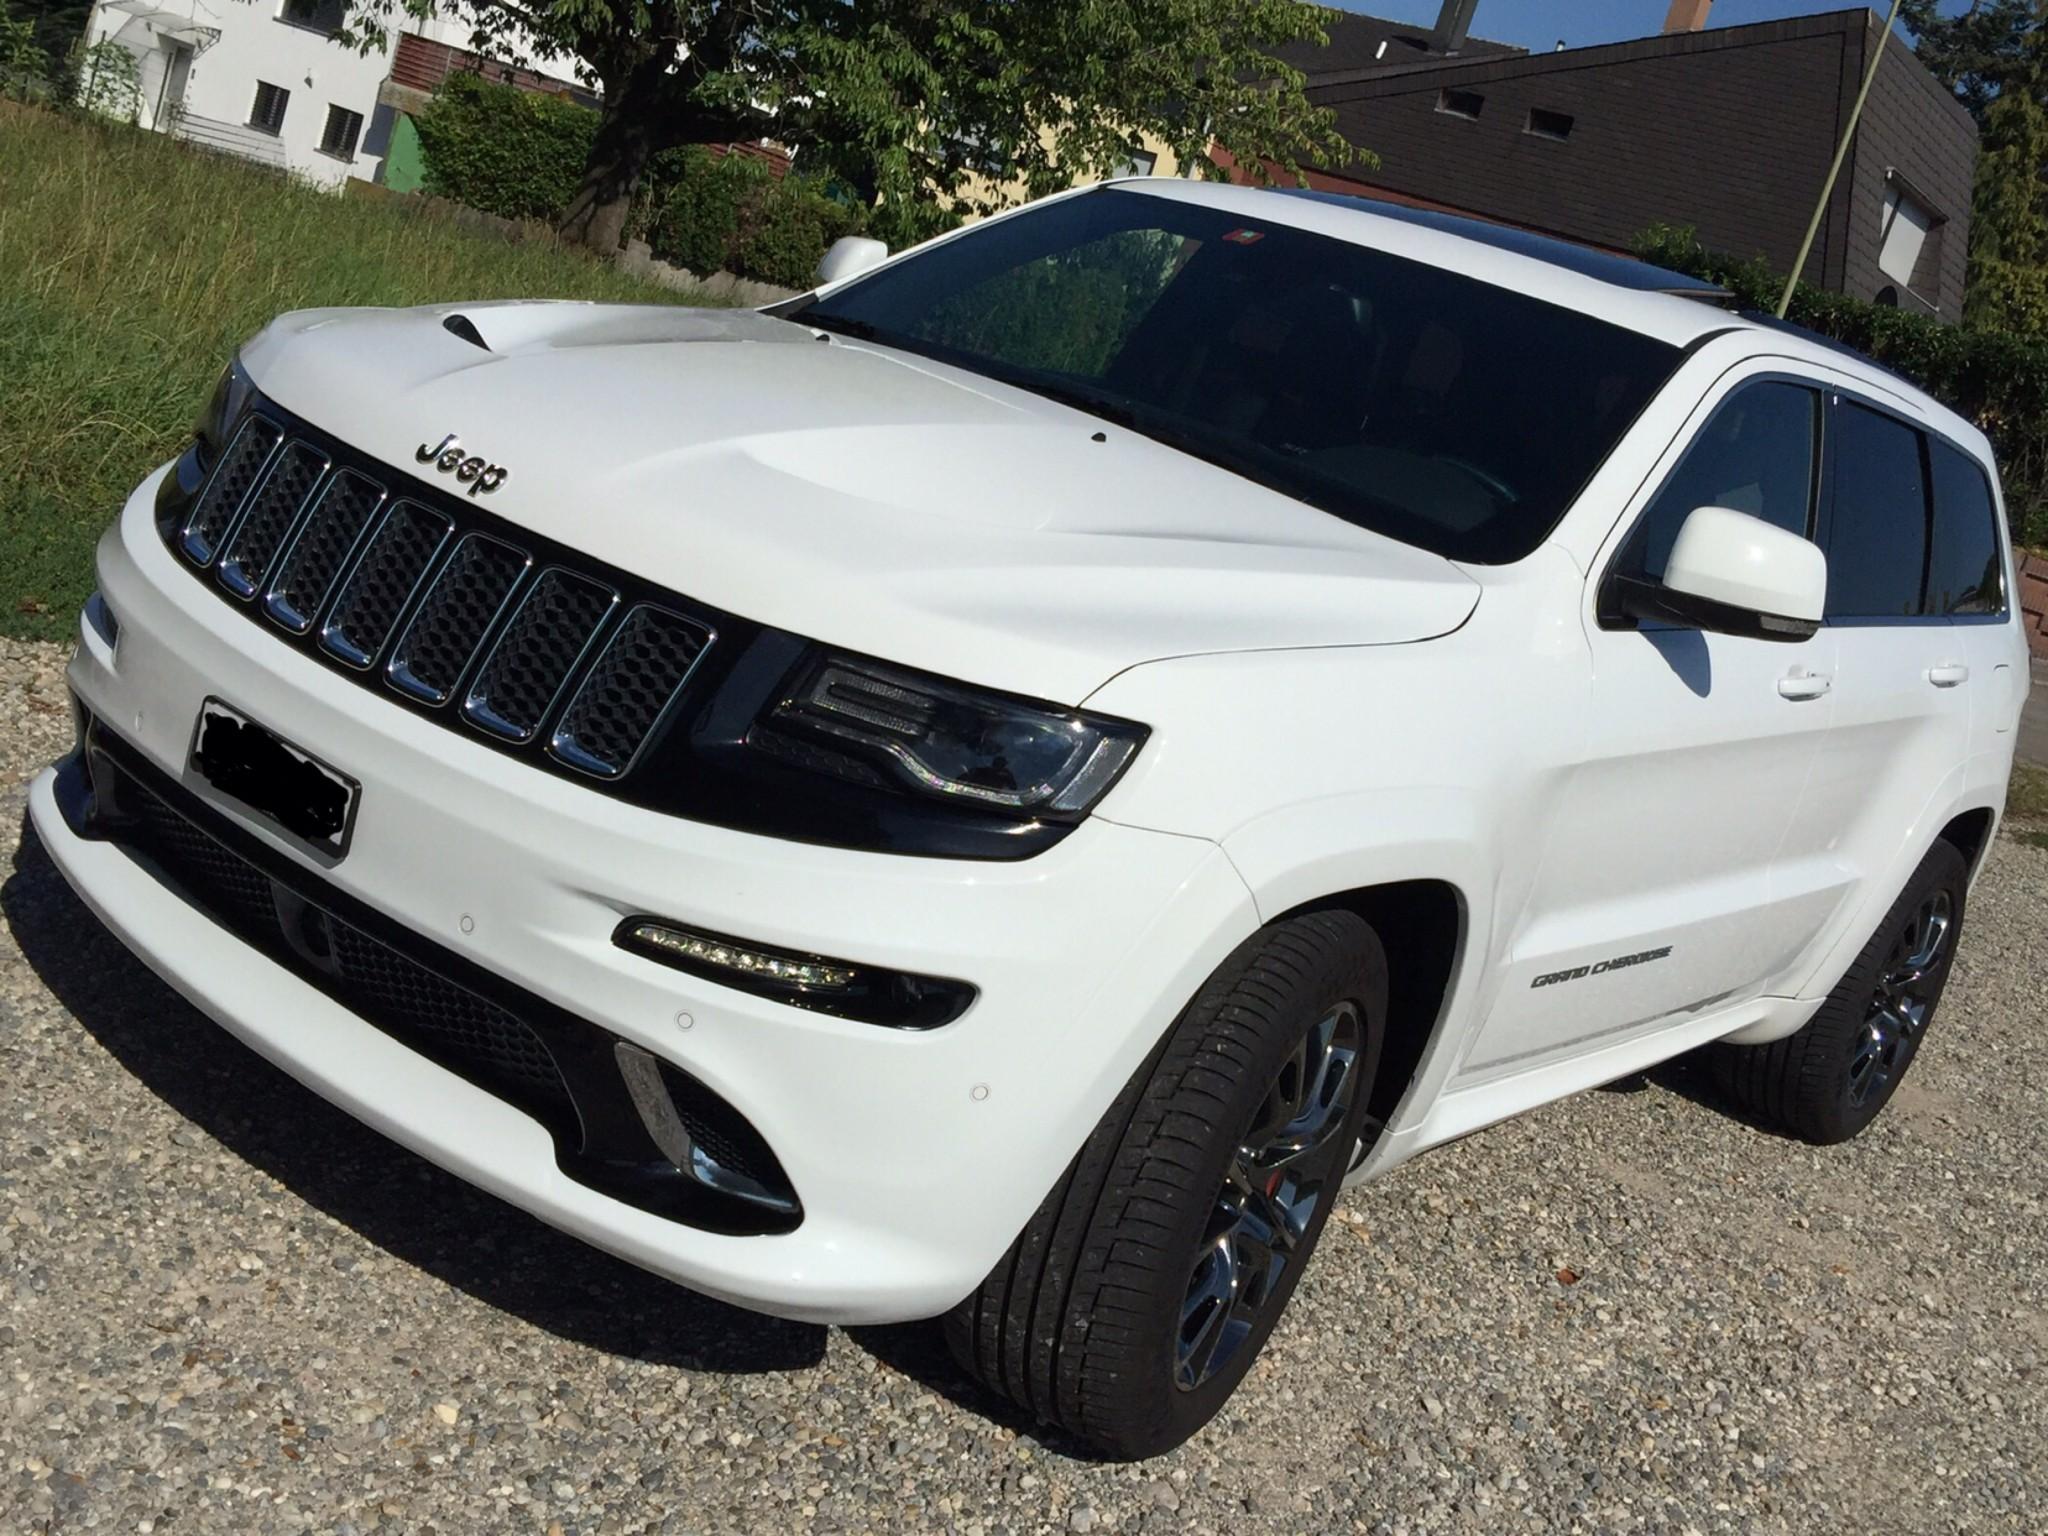 suv Jeep Grand Cherokee 6.4 V8 HEMI SRT